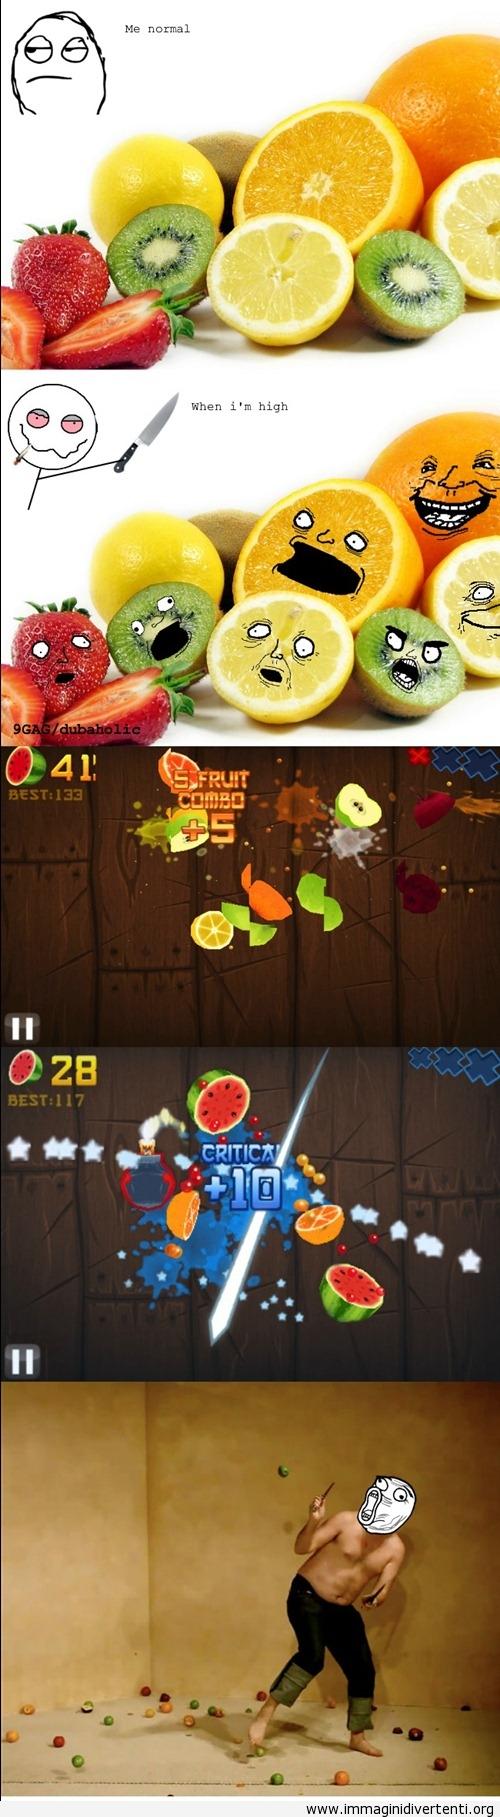 tagliare frutta immaginidivertenti.org